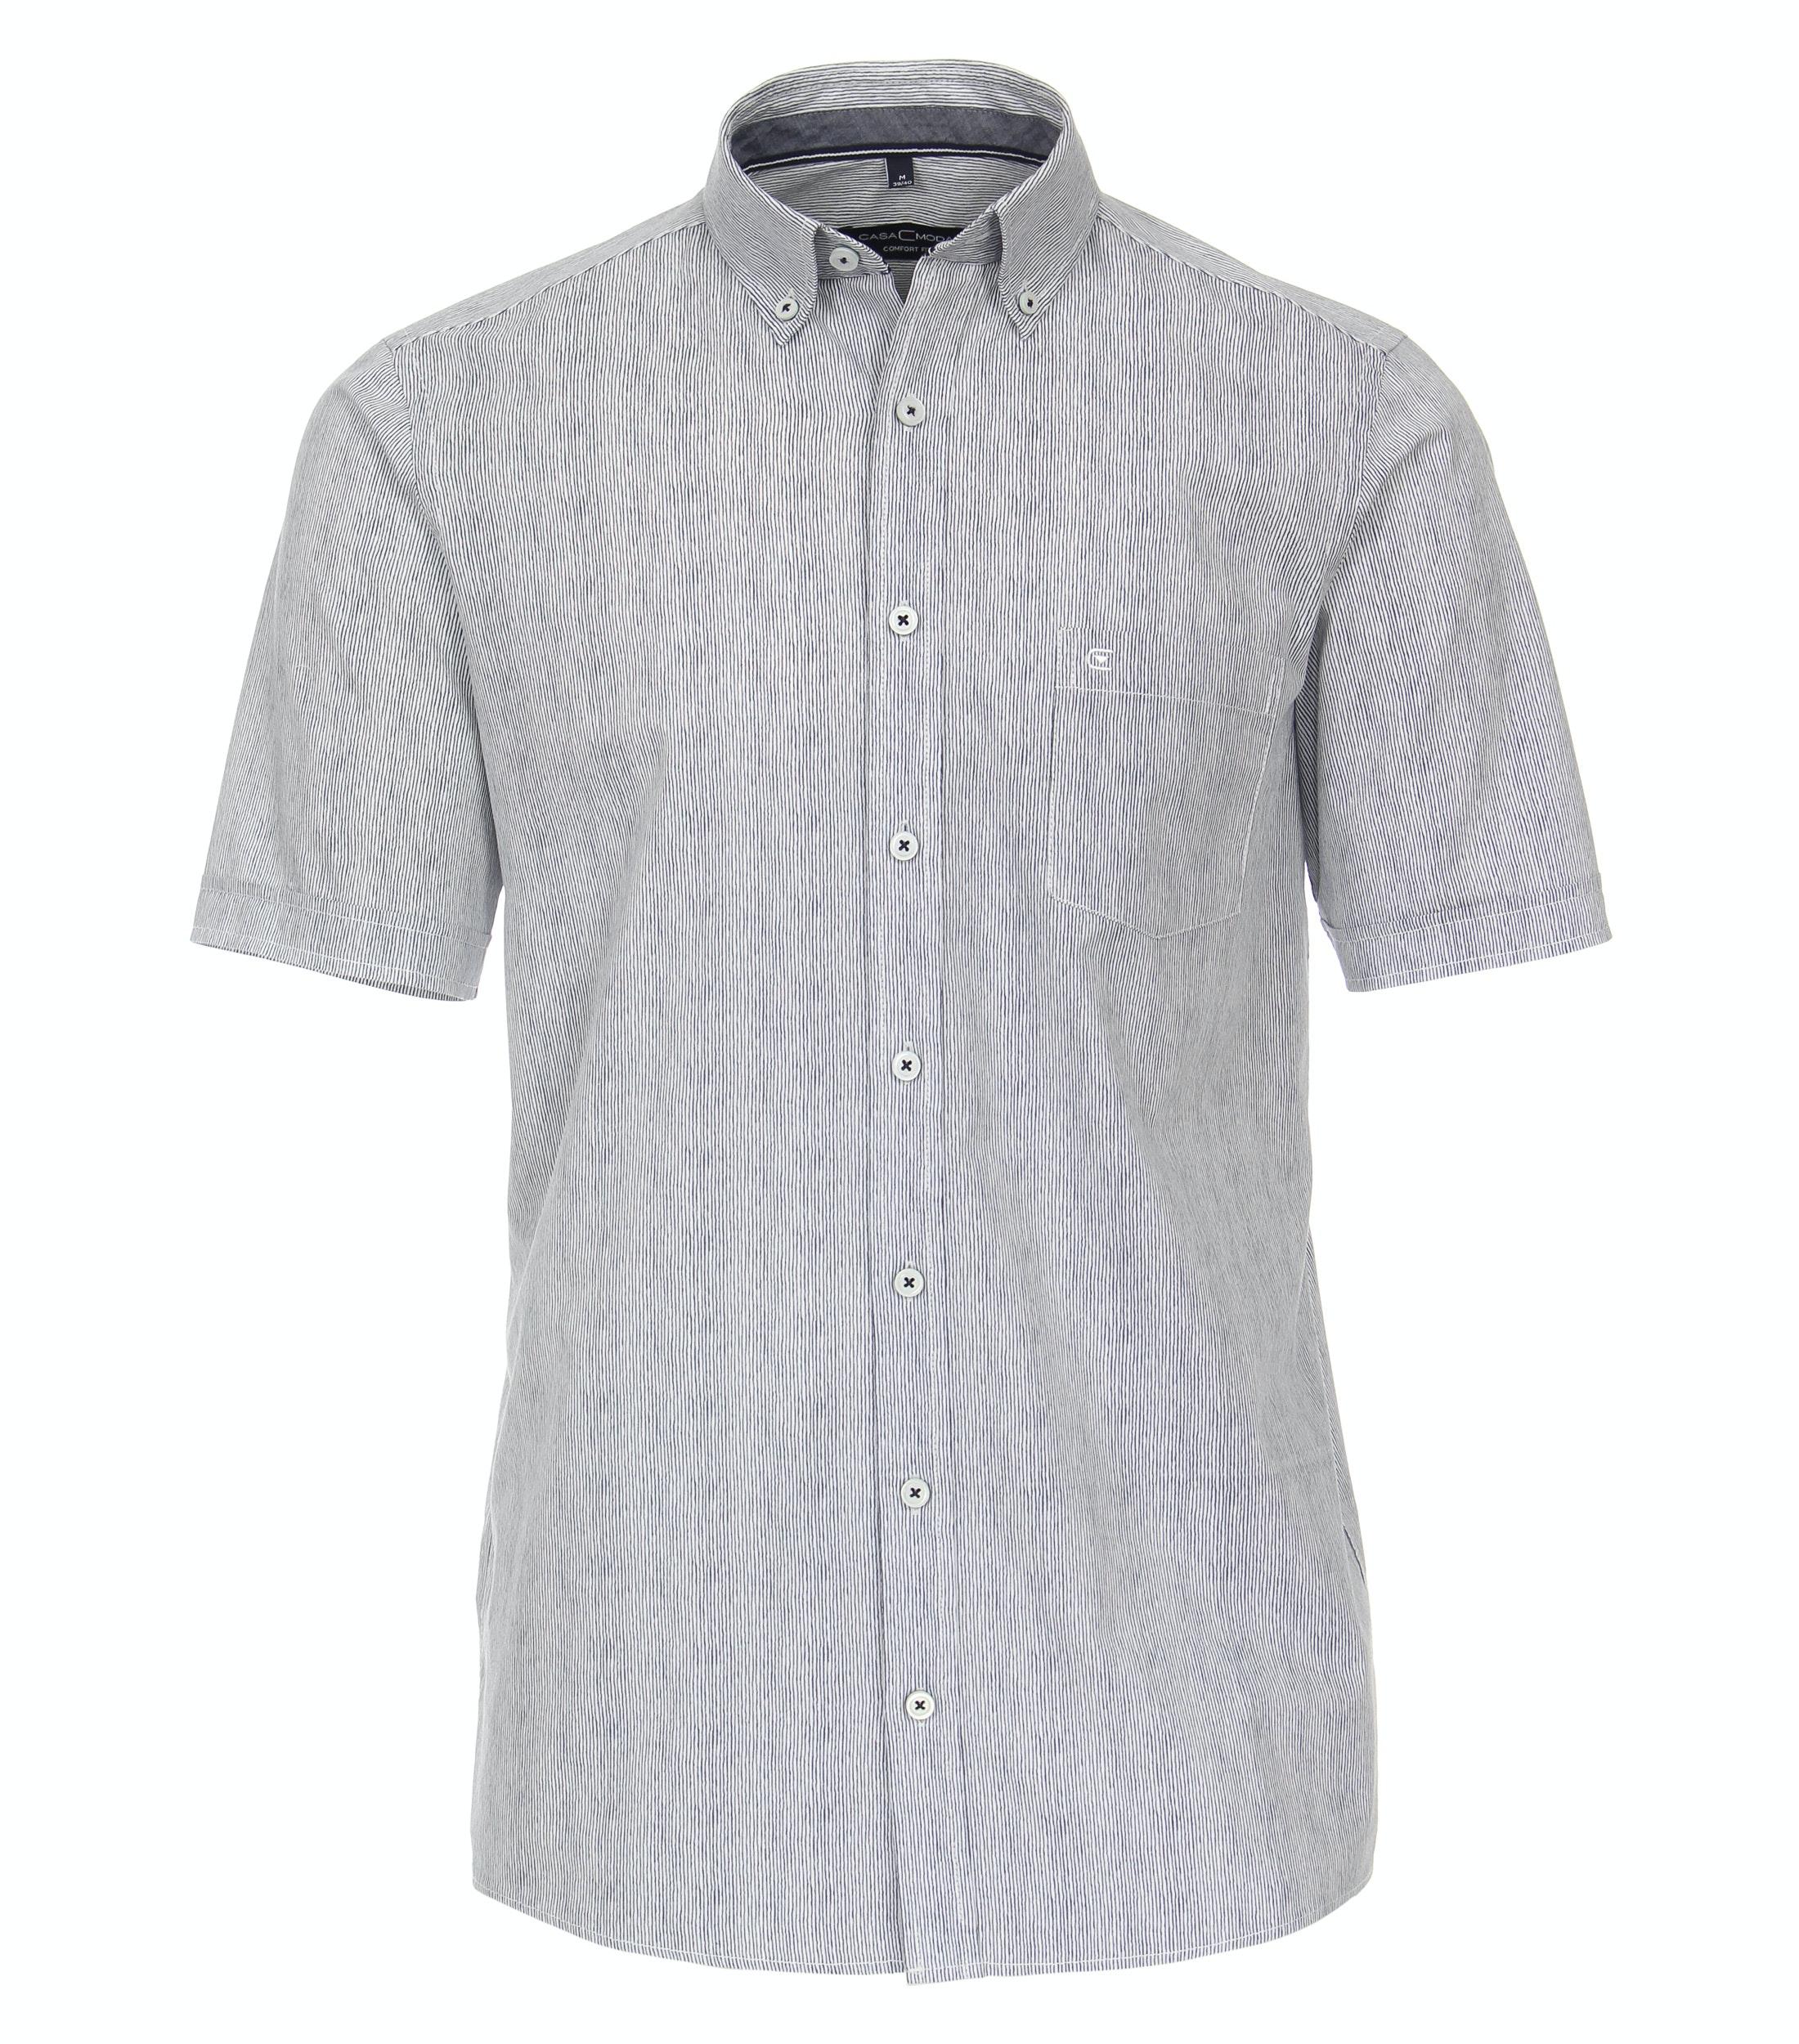 Overhemd van merk CASA MODA in de kleur blauw, gemaakt van 100% katoen.